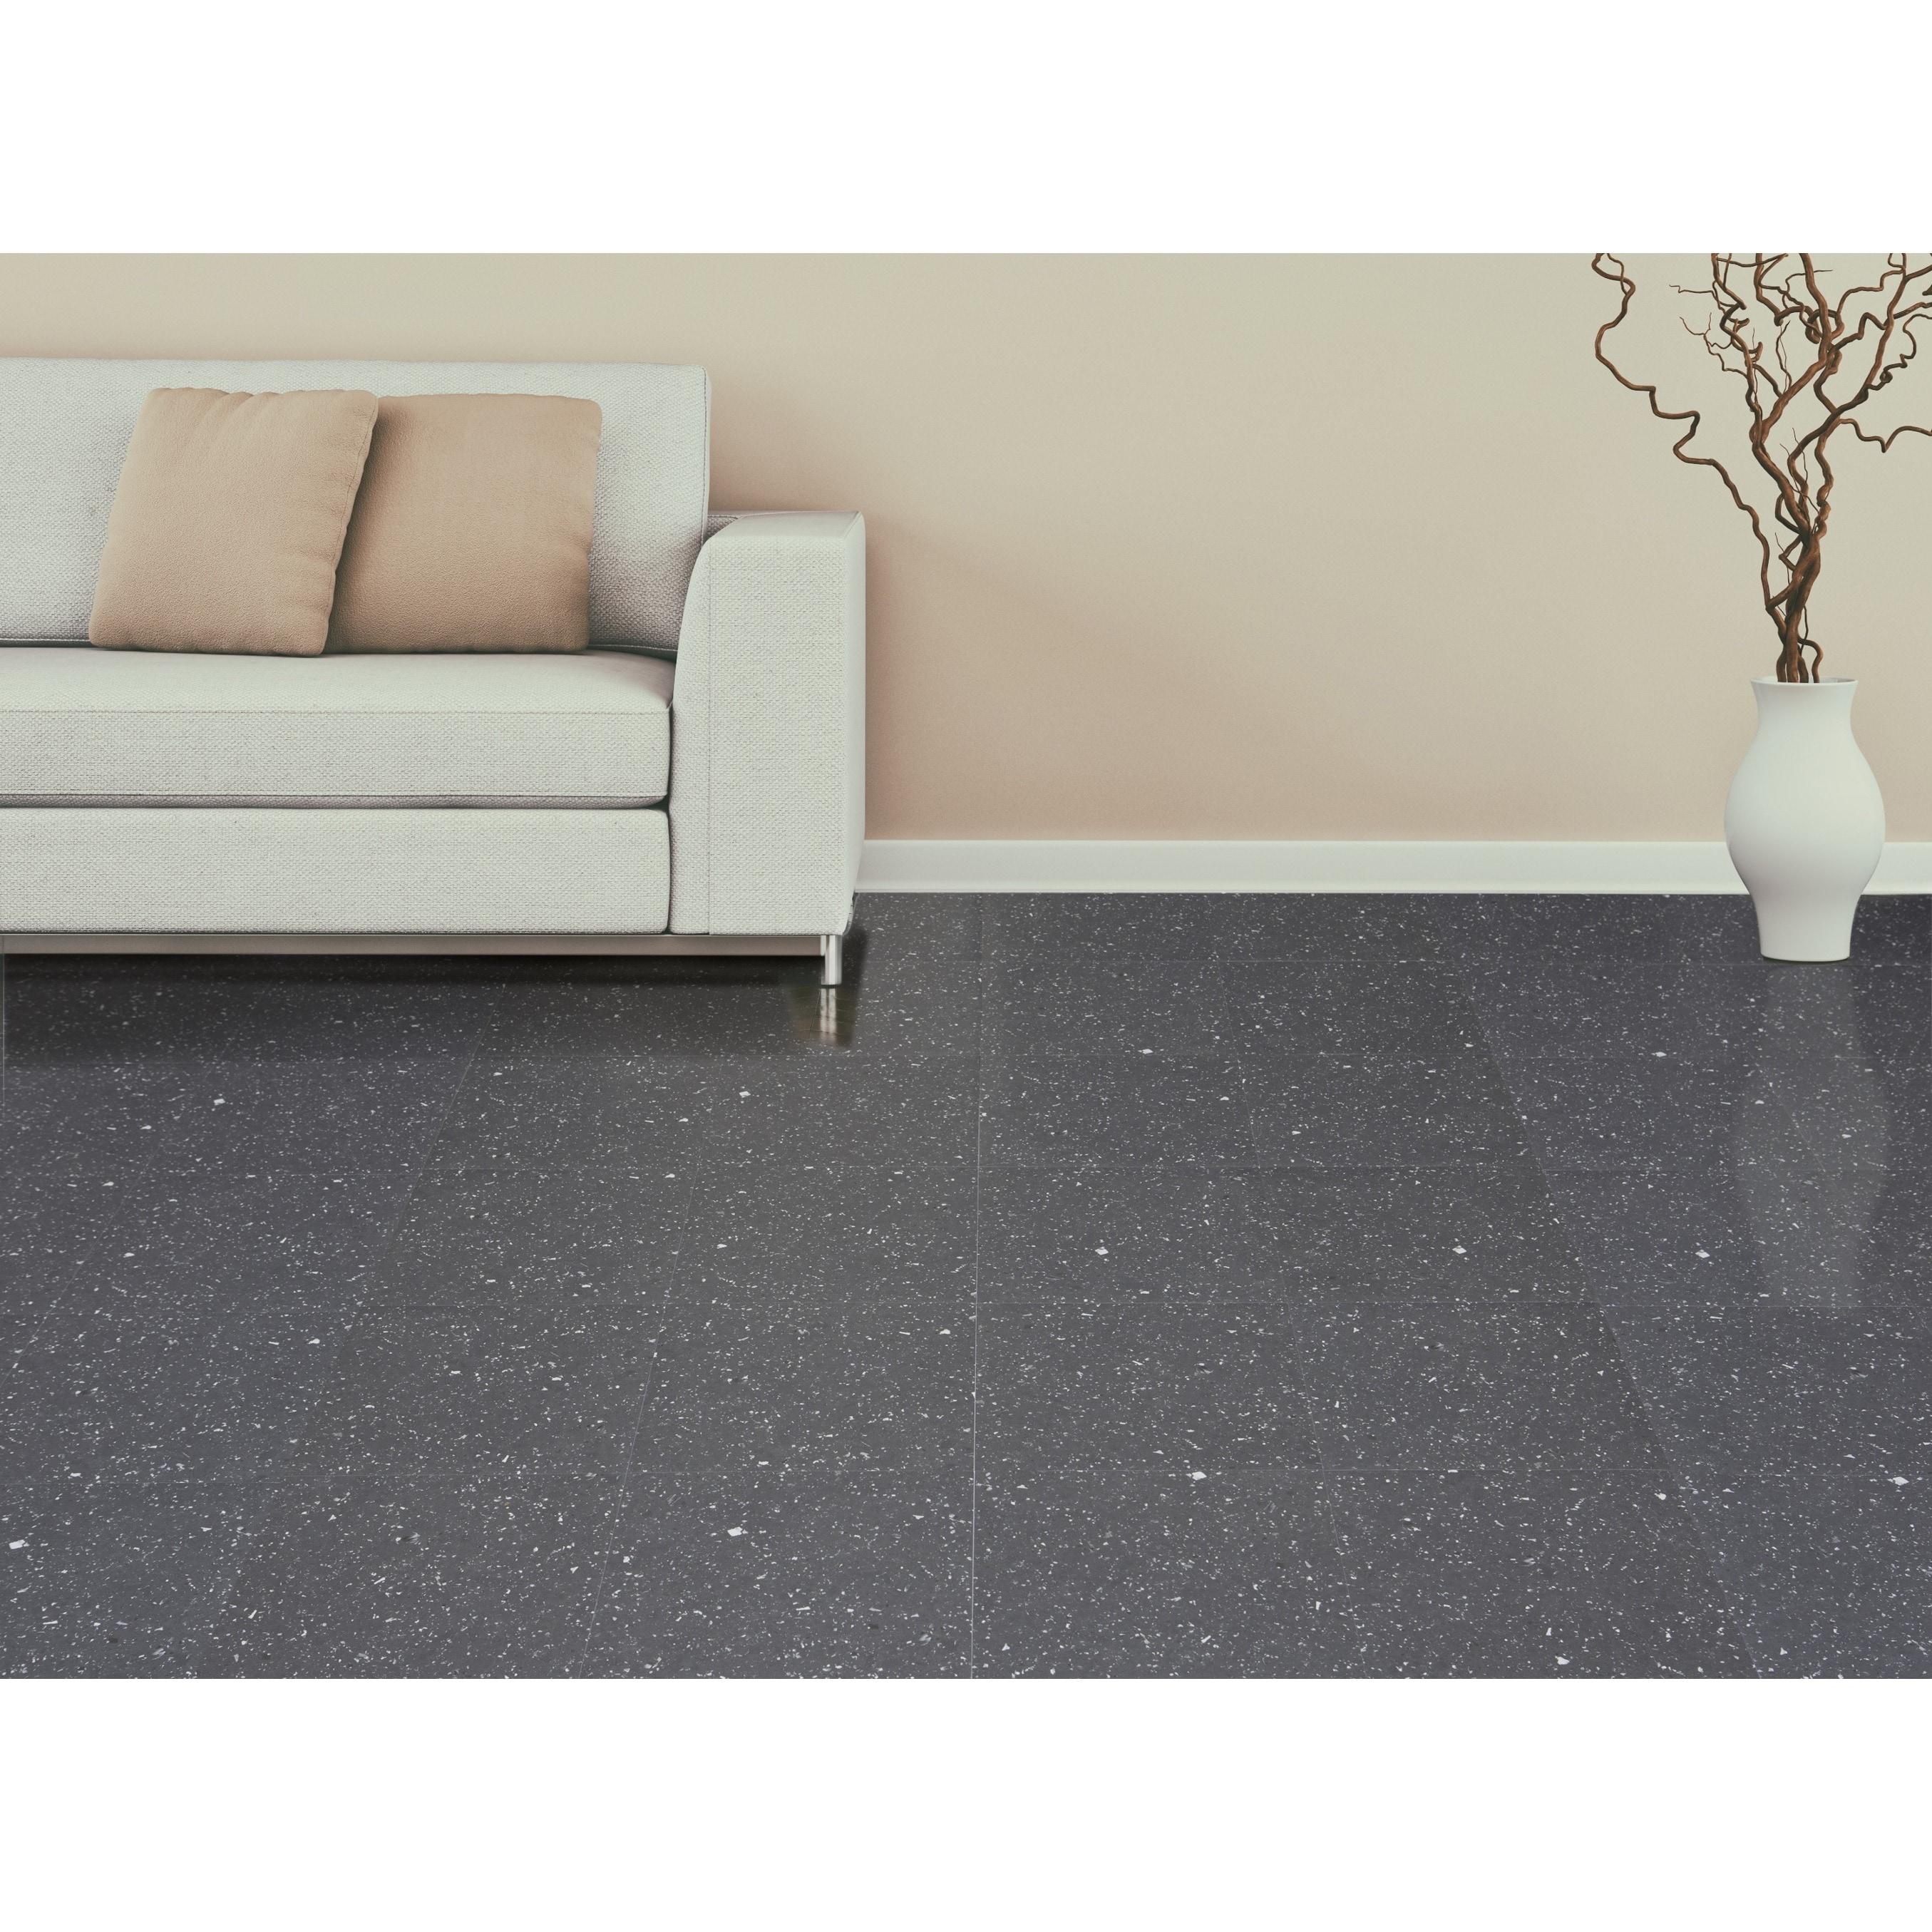 vinyl floor tile 12